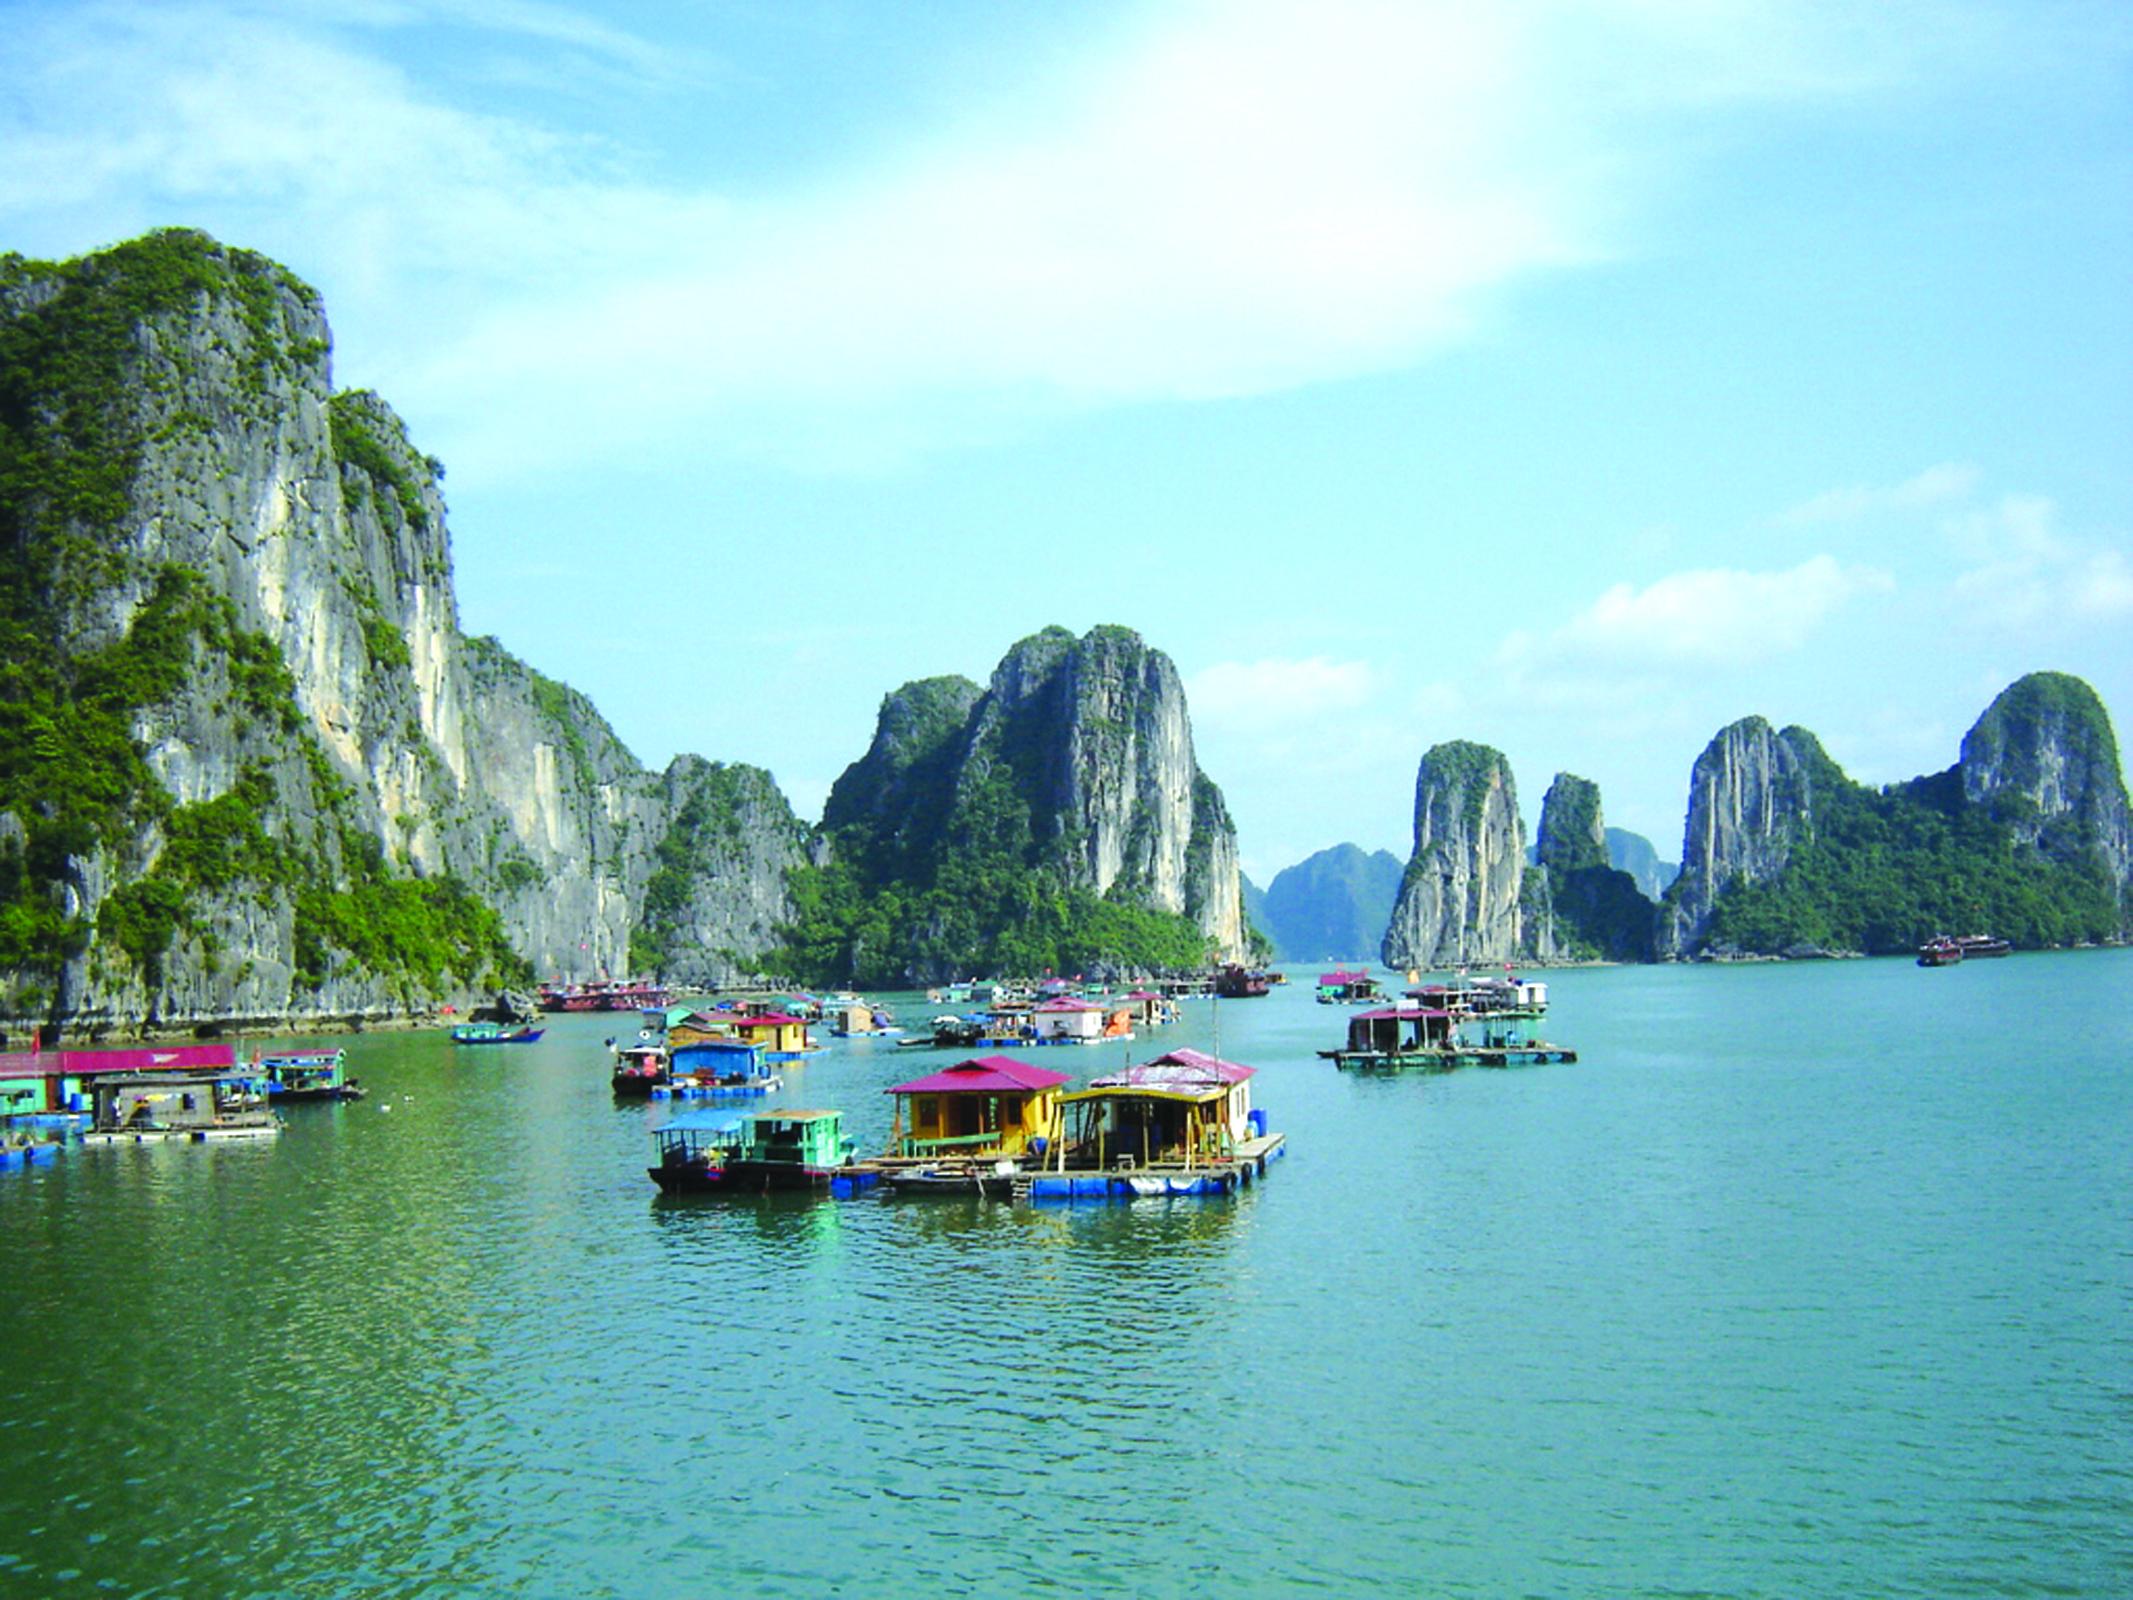 H 224 Nội Vịnh Hạ Long được Lonely Planet Giới Thiệu Trong ấn